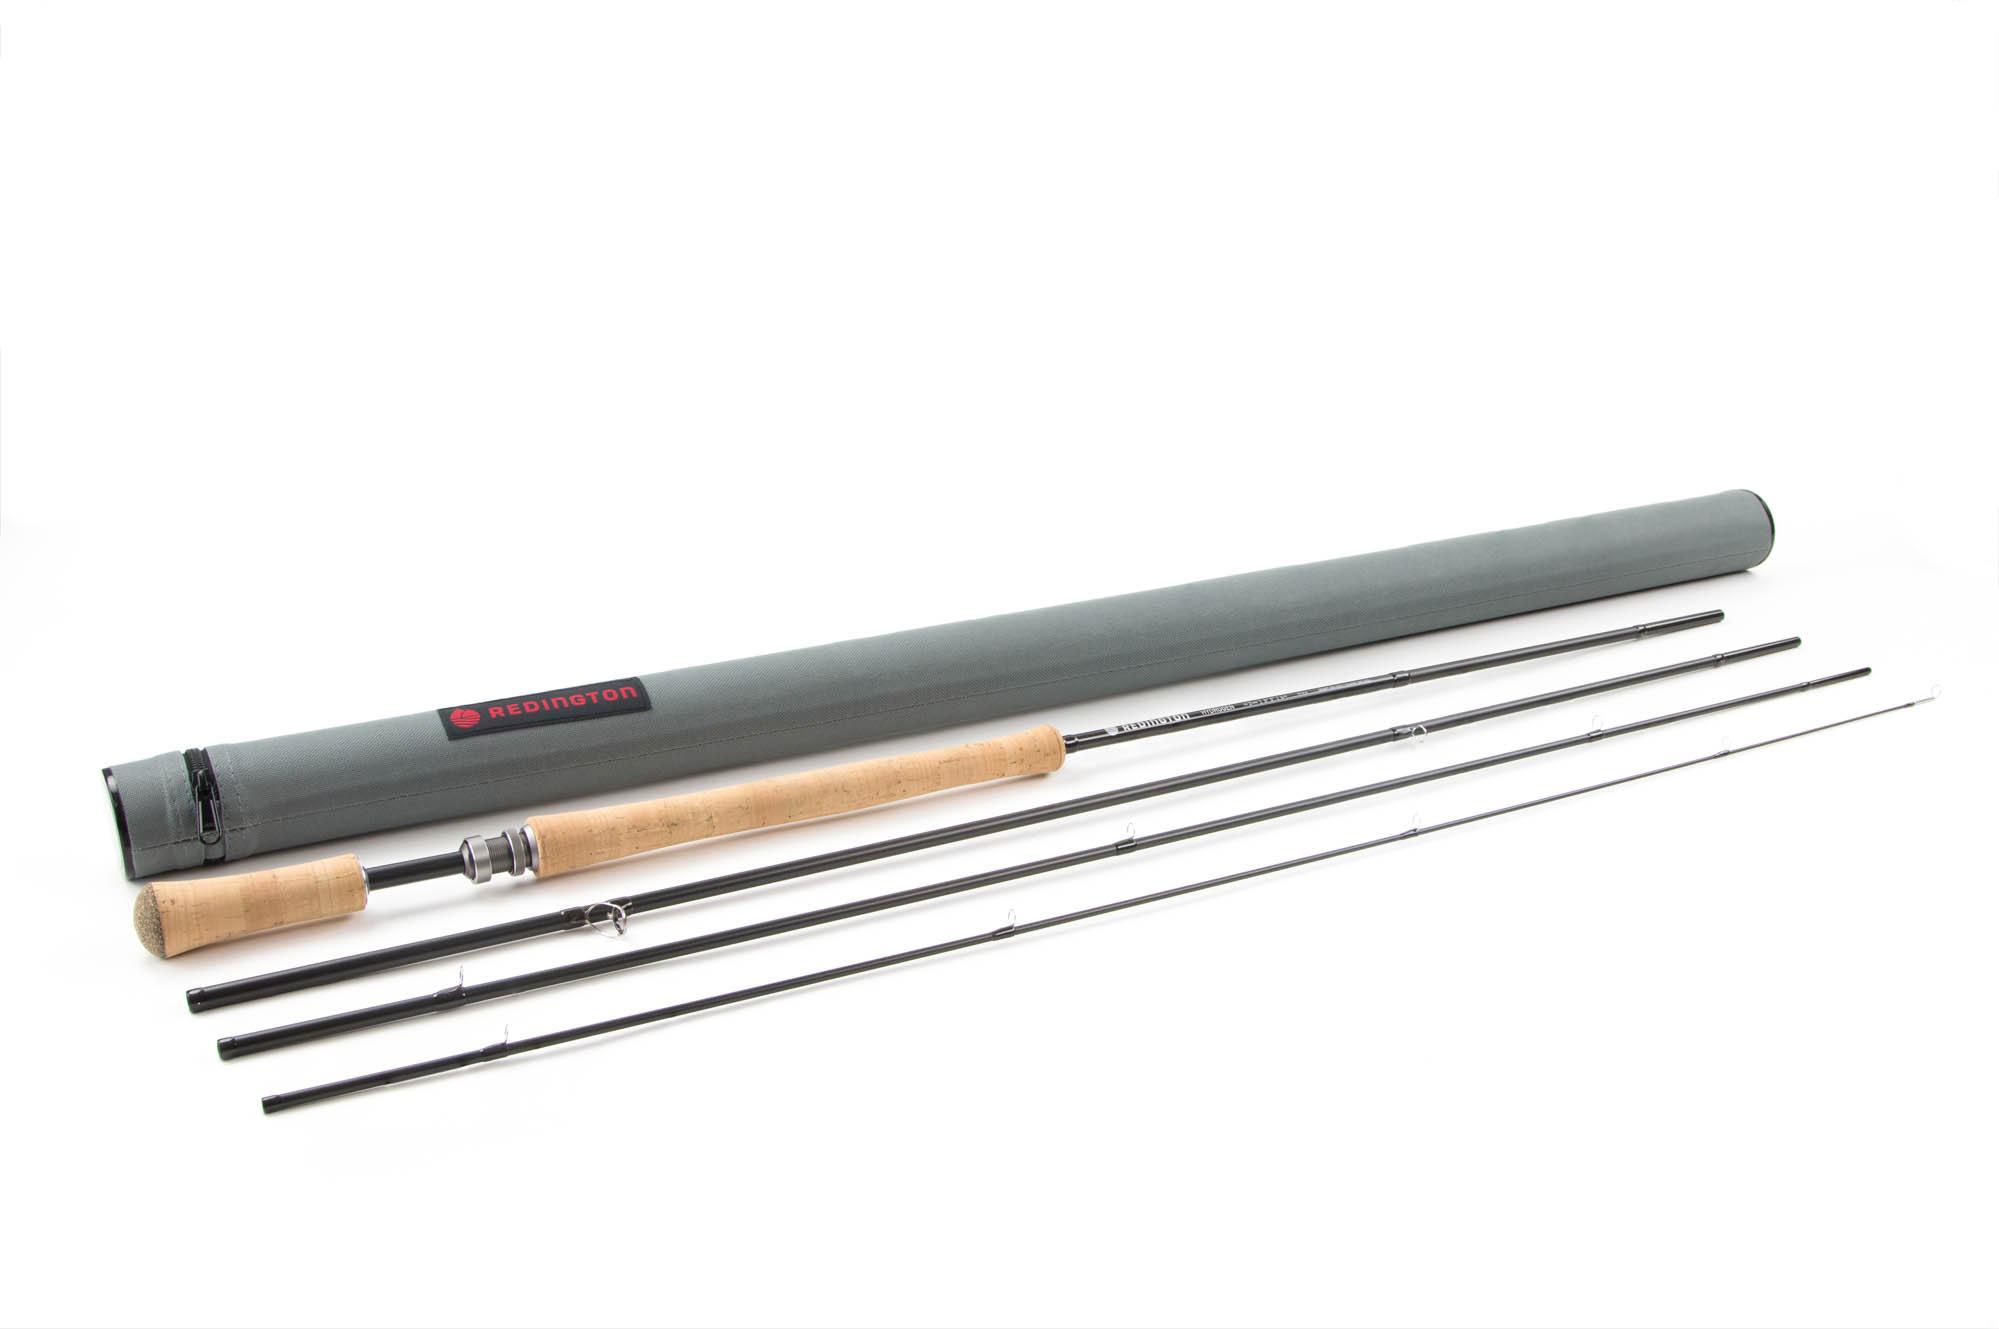 Redington Hydrogen Trout Spey Fly Rod 200